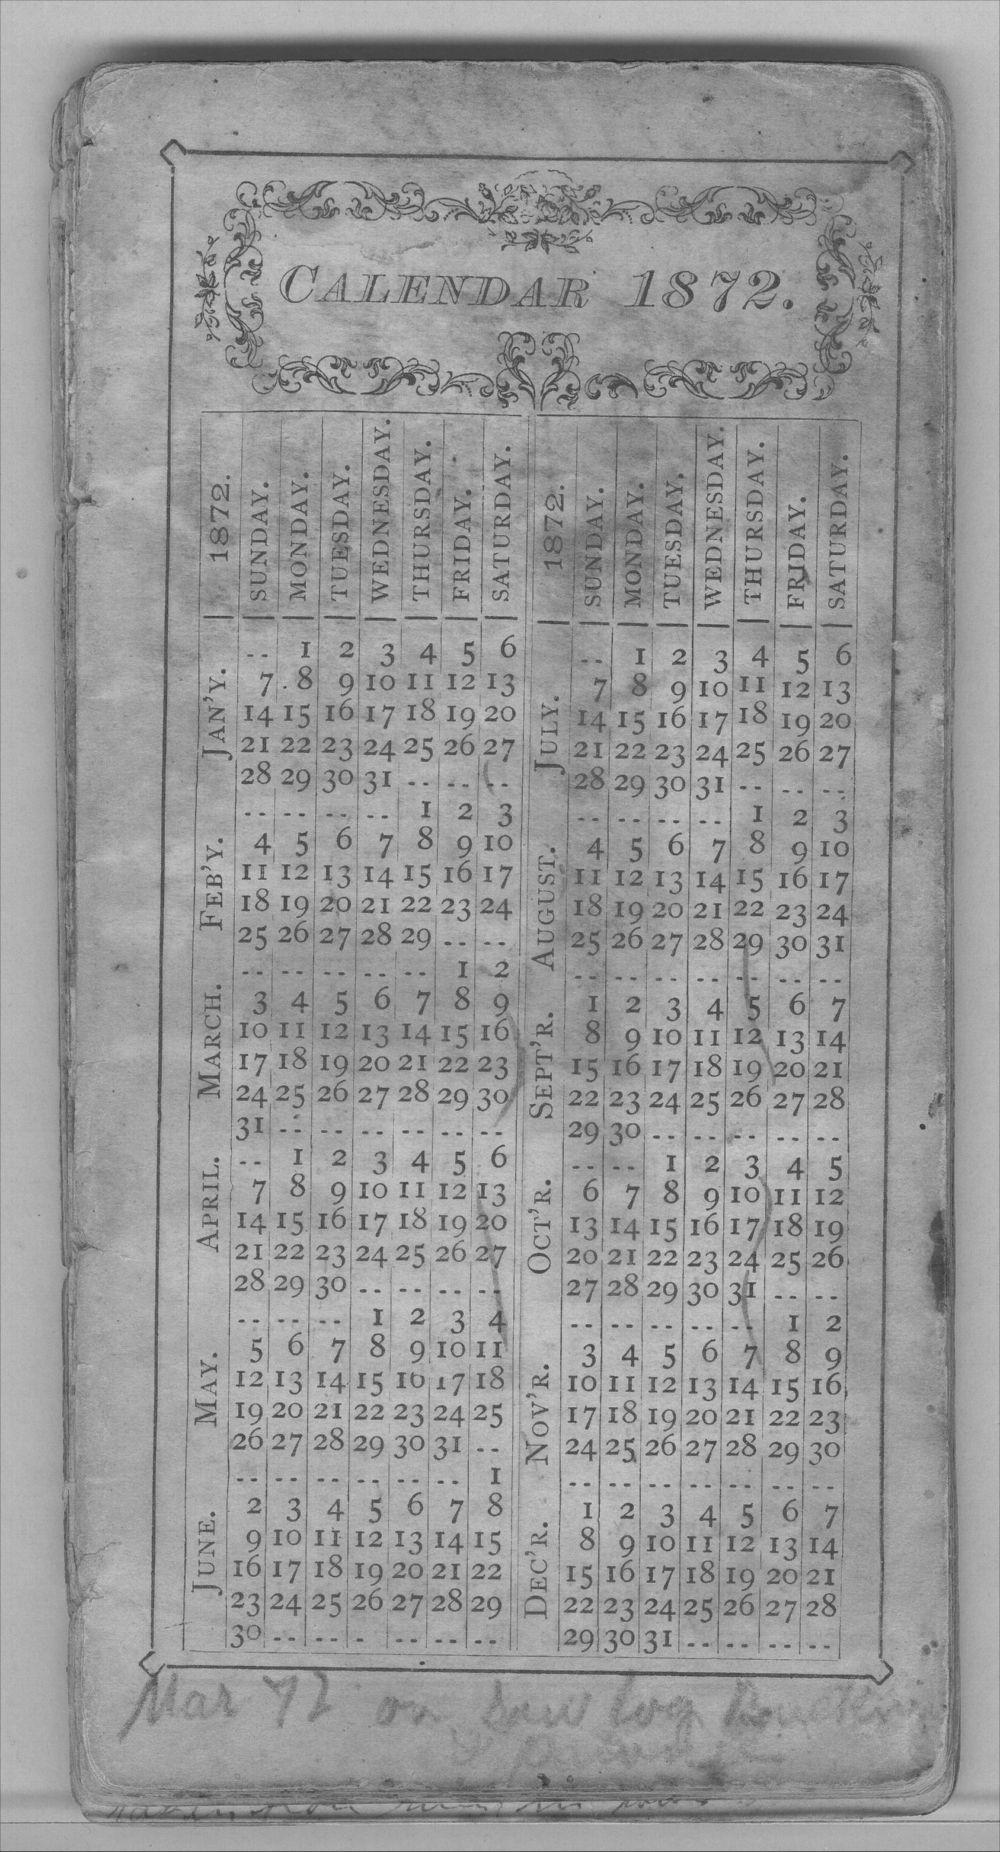 Henry Raymond diary - Calendar 1872